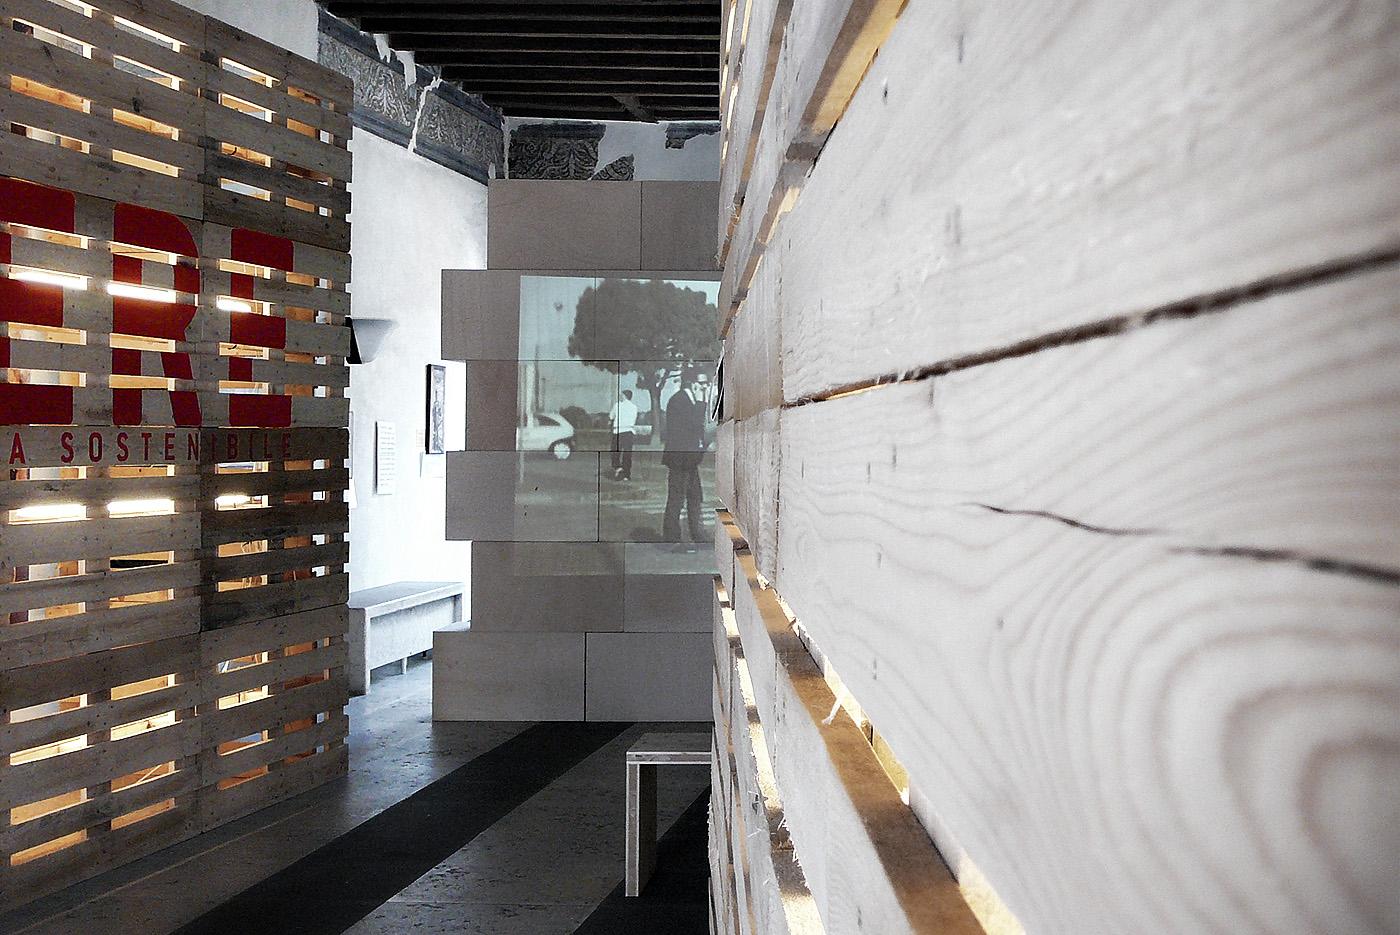 Installazioni urbane per una rassegna sulla sostenibilità. Le quinte all'ingresso della mostra | Bottega di Architettura